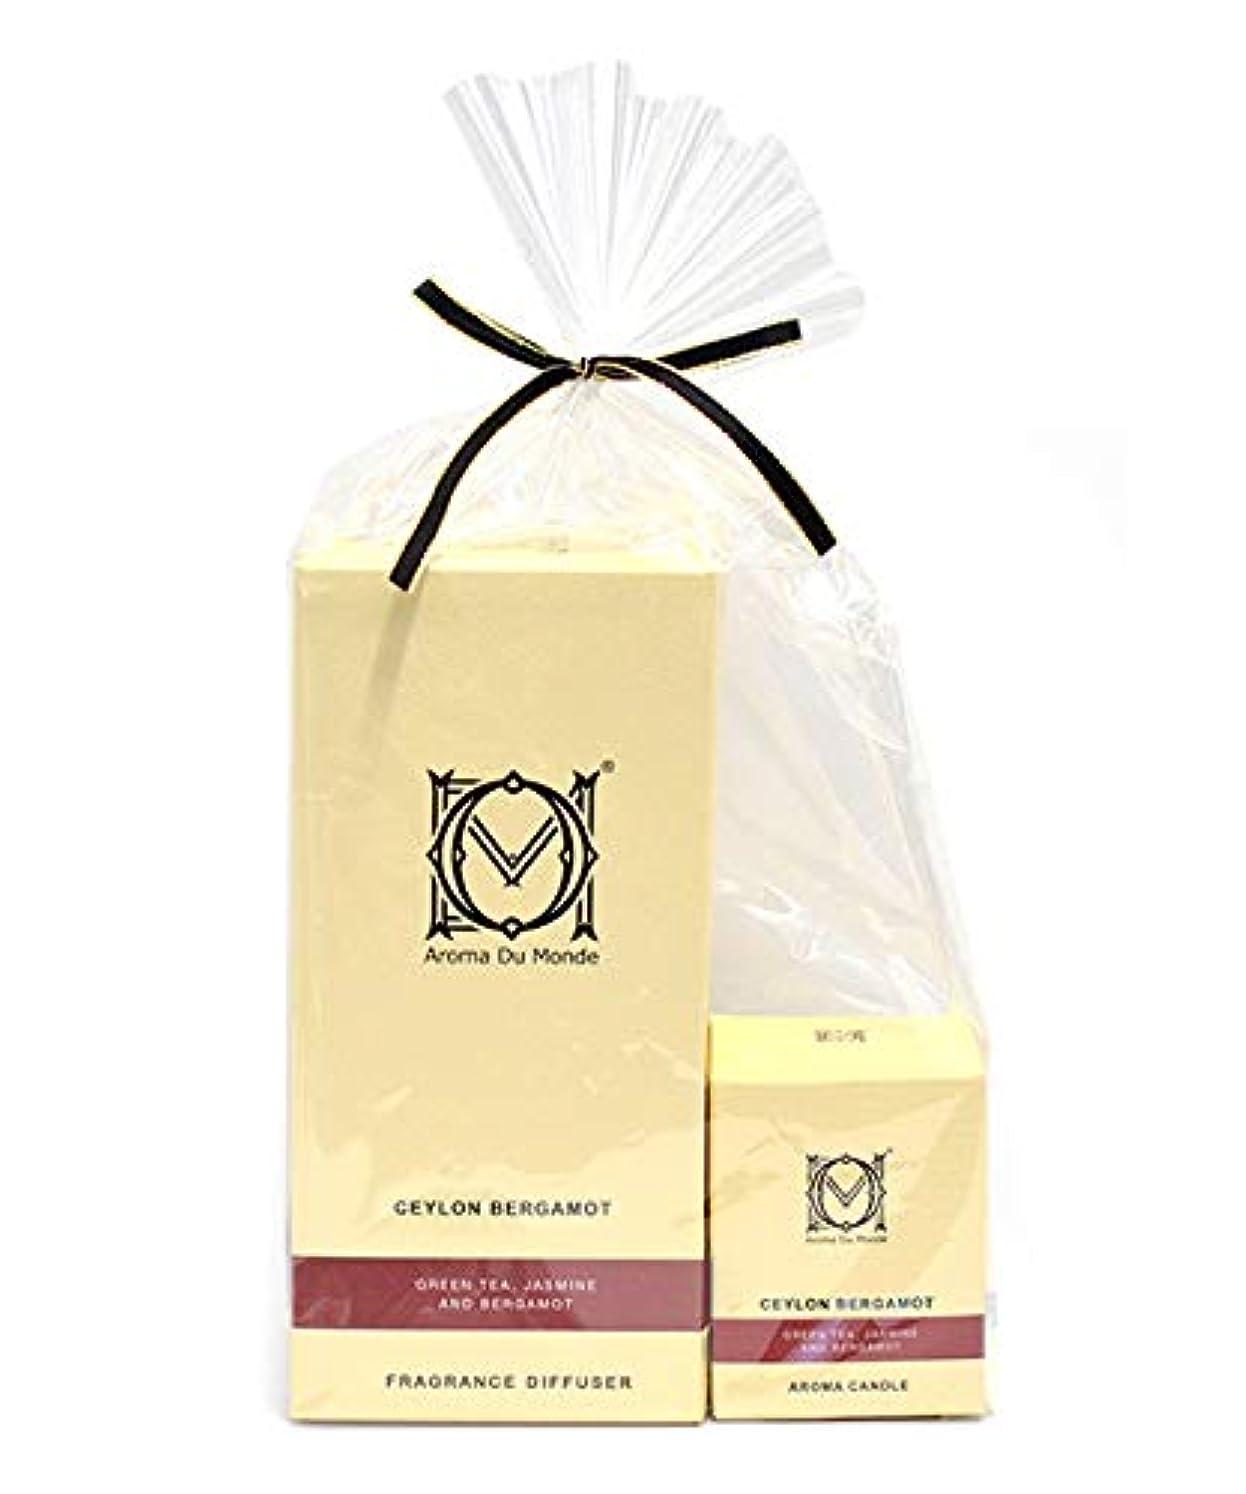 官僚昼間よく話されるフレグランスディフューザー&キャンドル セイロンベルガモット セット Aroma Du Monde/ADM Fragrance Diffuser & Candle Ceylon Bergamot Set 81156